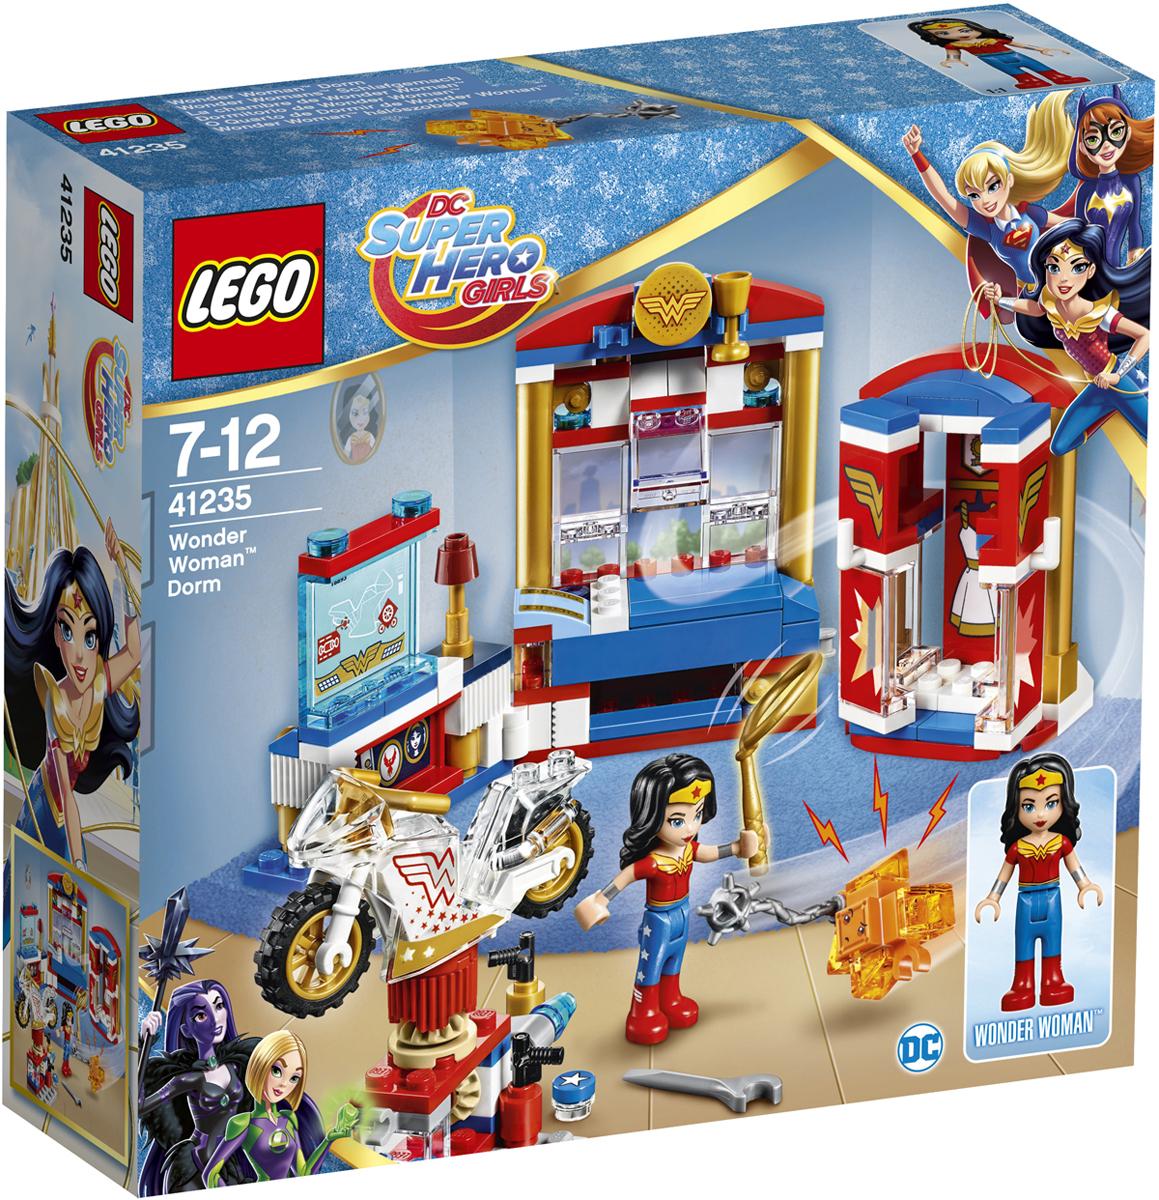 LEGO DC Super Hero Girls Конструктор Дом Чудо-женщины 4123541235После уроков помоги Чудо-женщине починить её невидимый мотоцикл. Будь осторожна! Противный маленький Криптомит забрался в шкаф и хочет стянуть золотое лассо Чудо-женщины. Быстрее, закрой дверцы шкафа! Попался! Держись от вещей Чудо-женщины подальше!